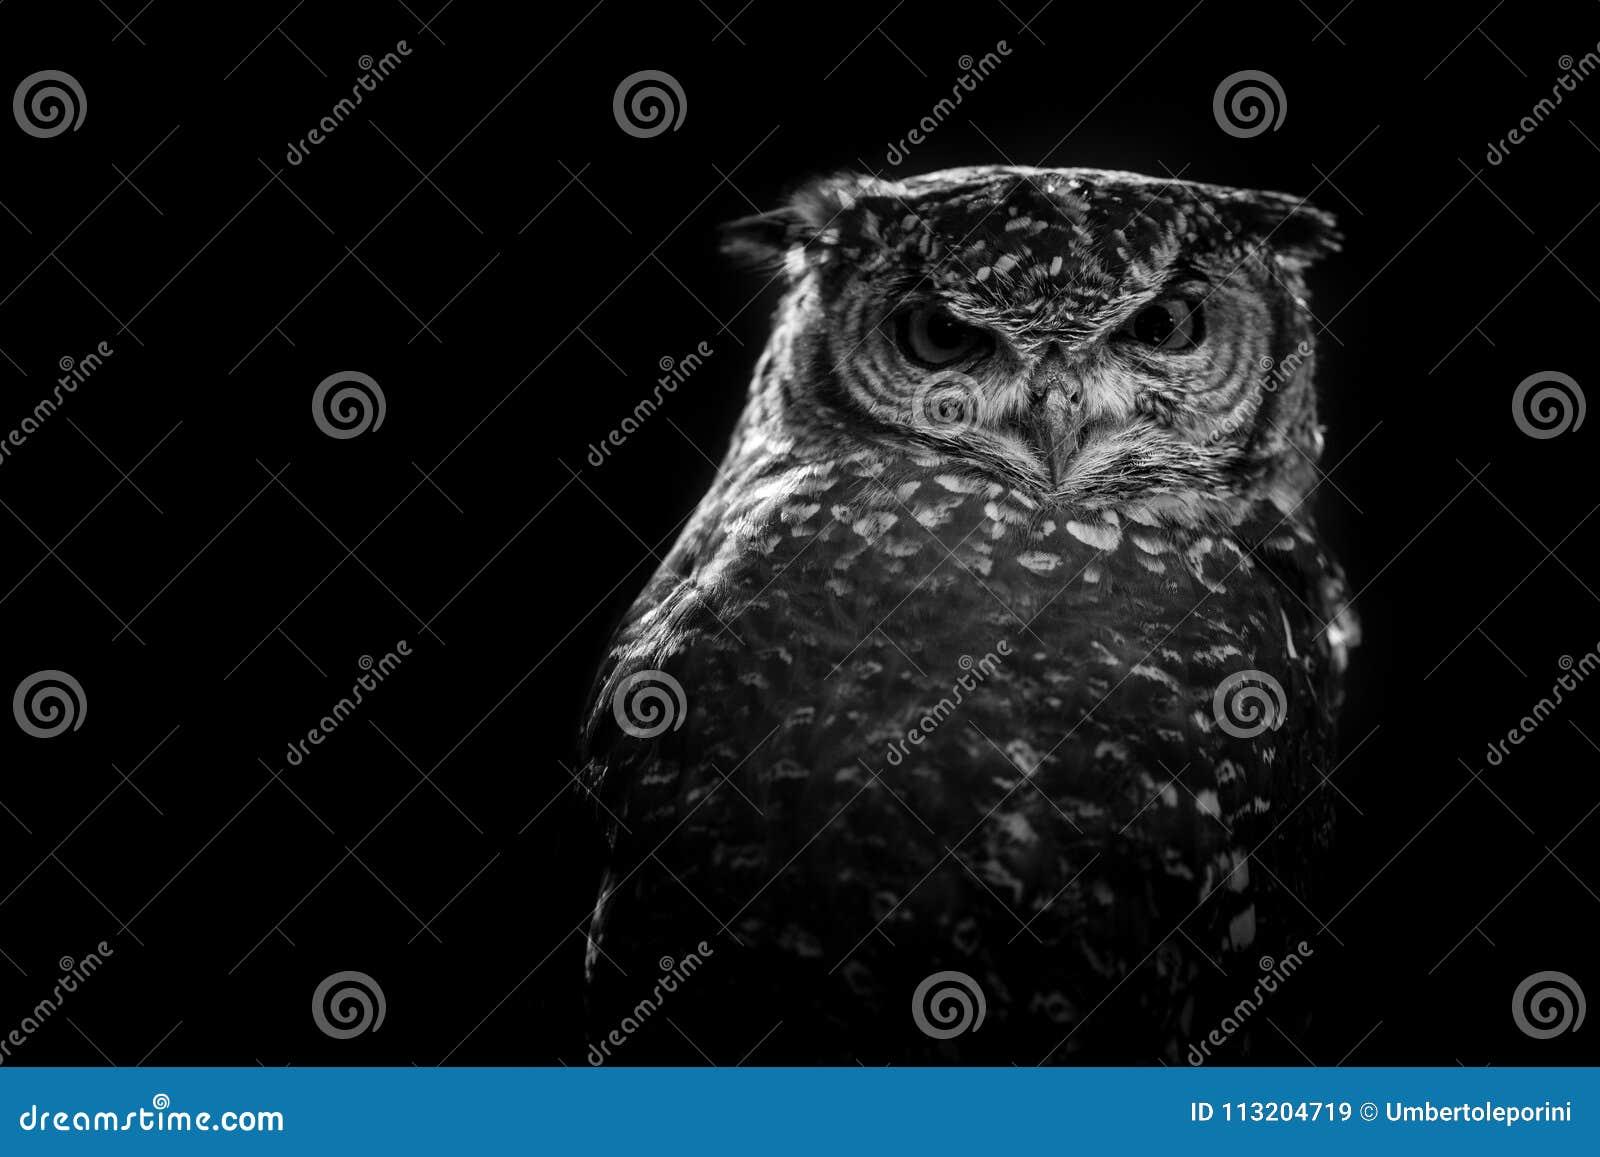 Afrikaans uil zwart-wit beeld